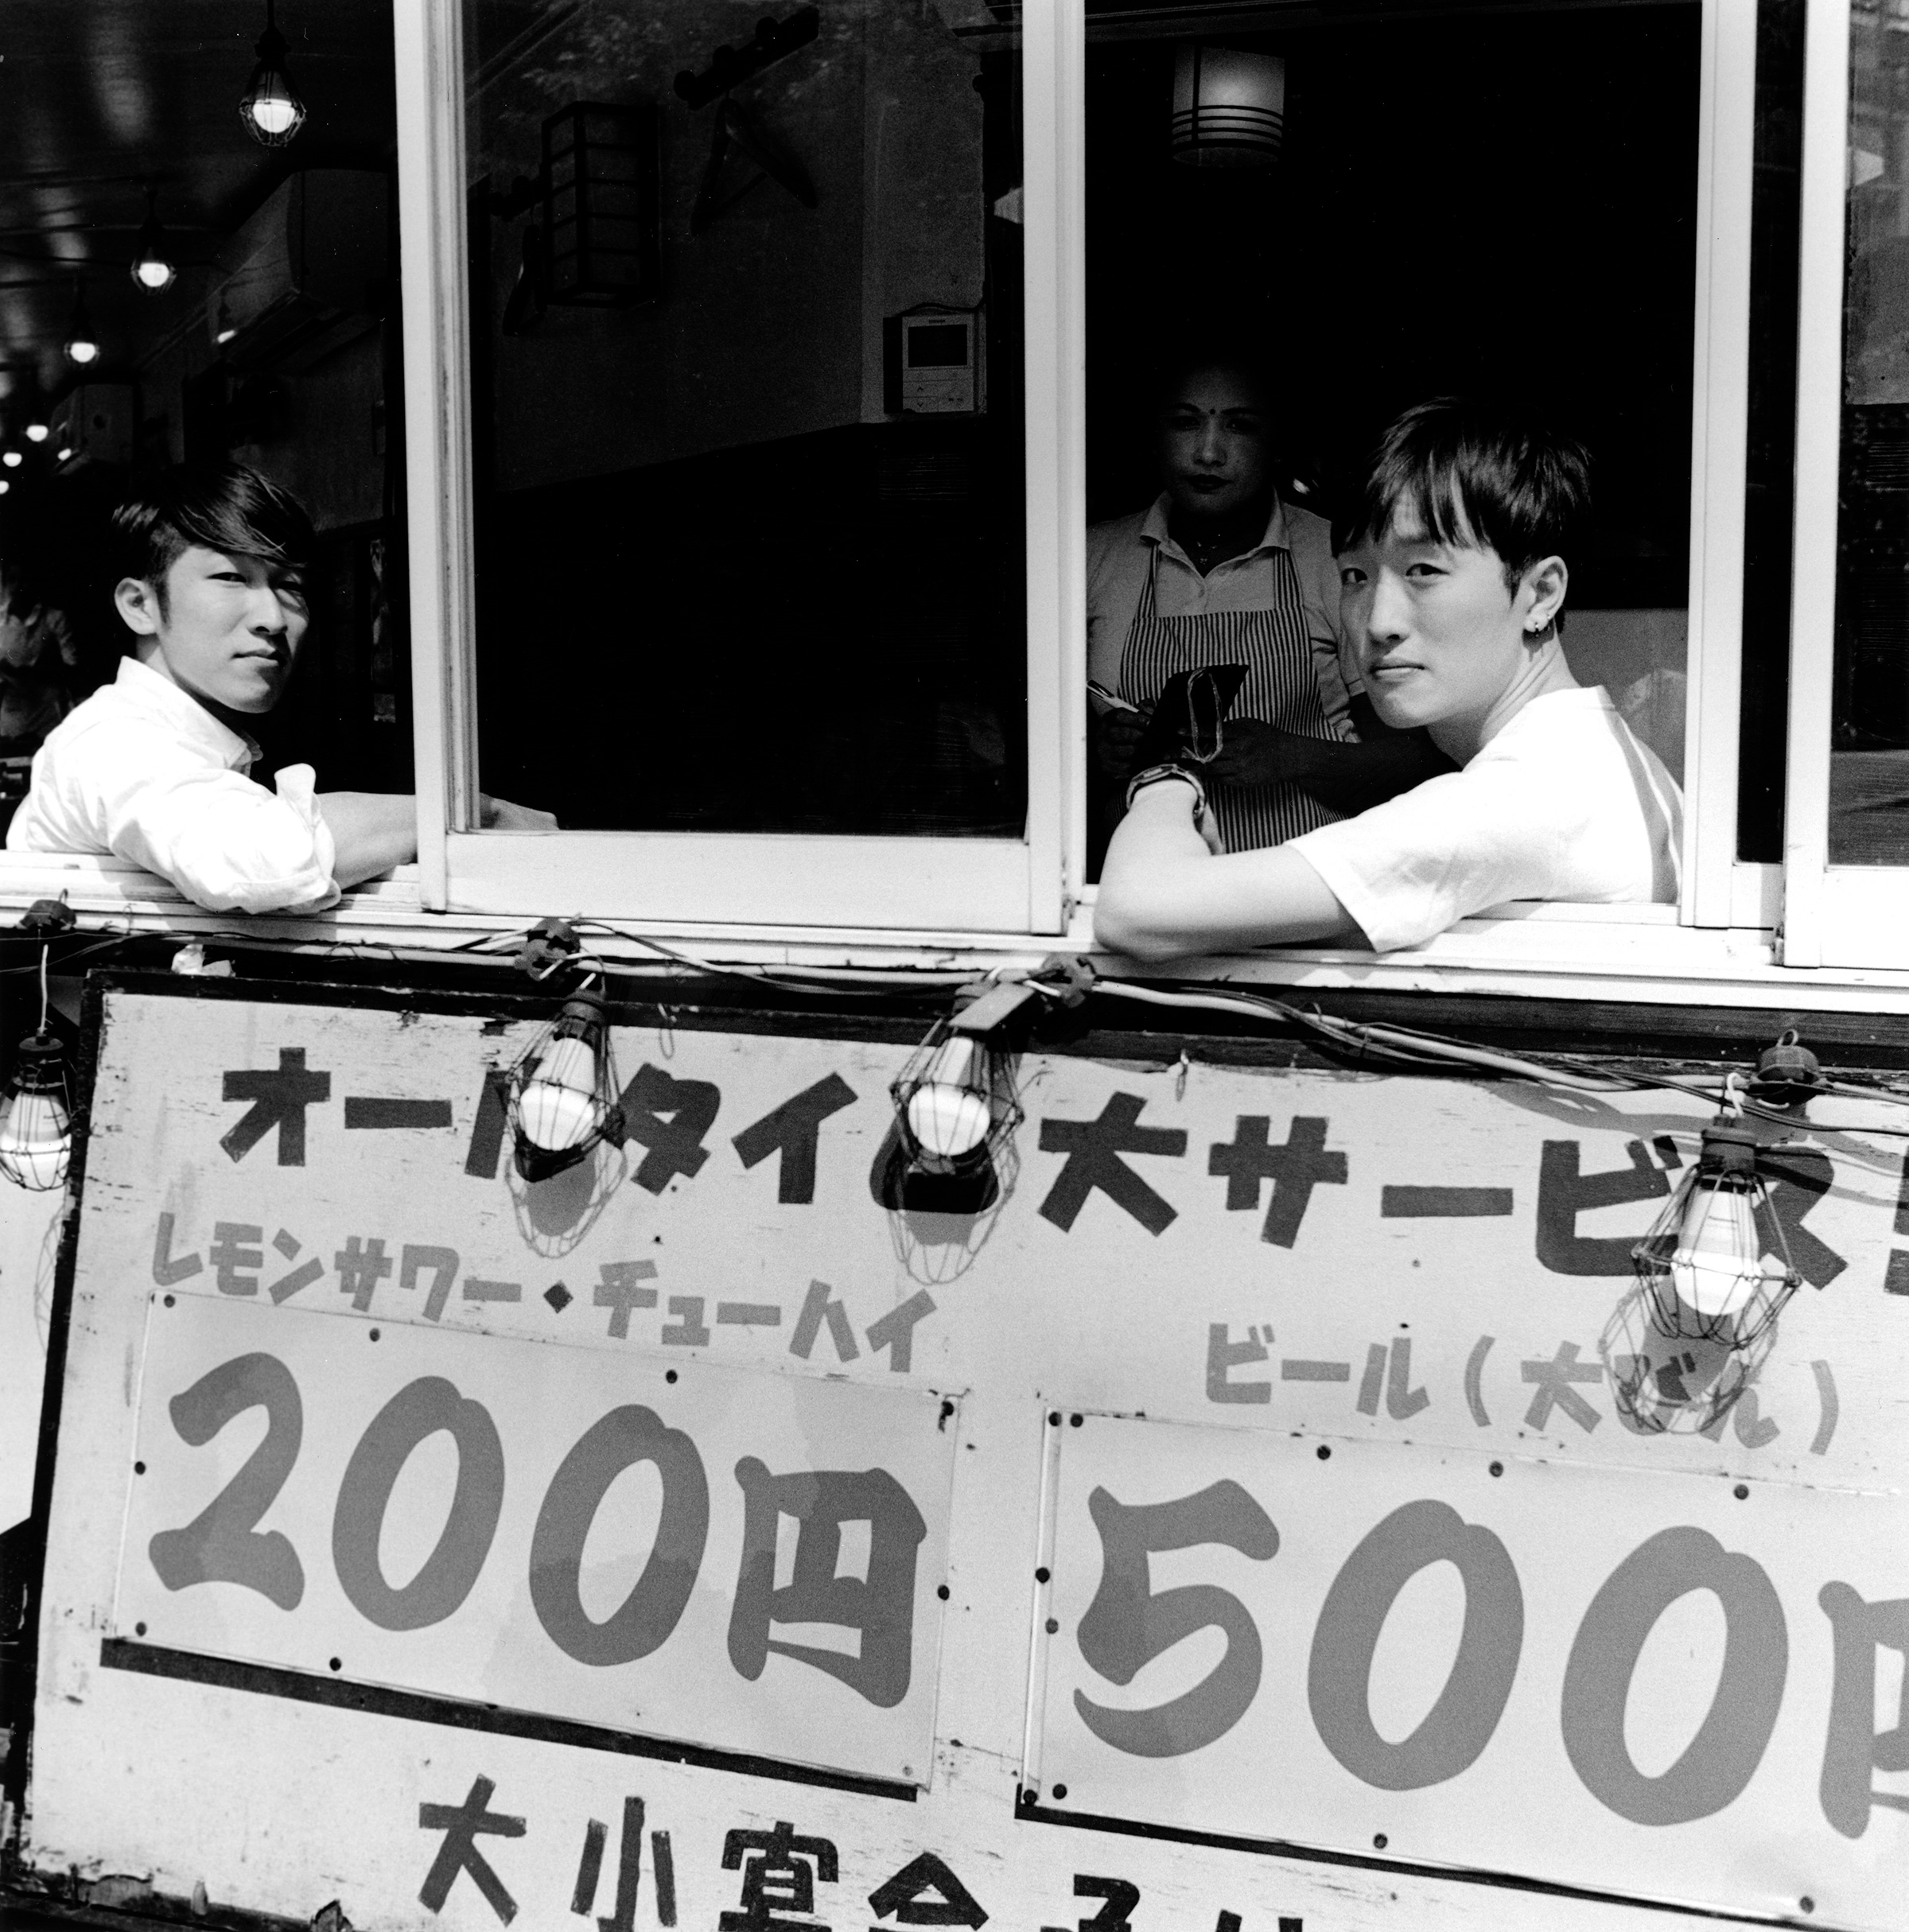 12目黒_01_yamaji